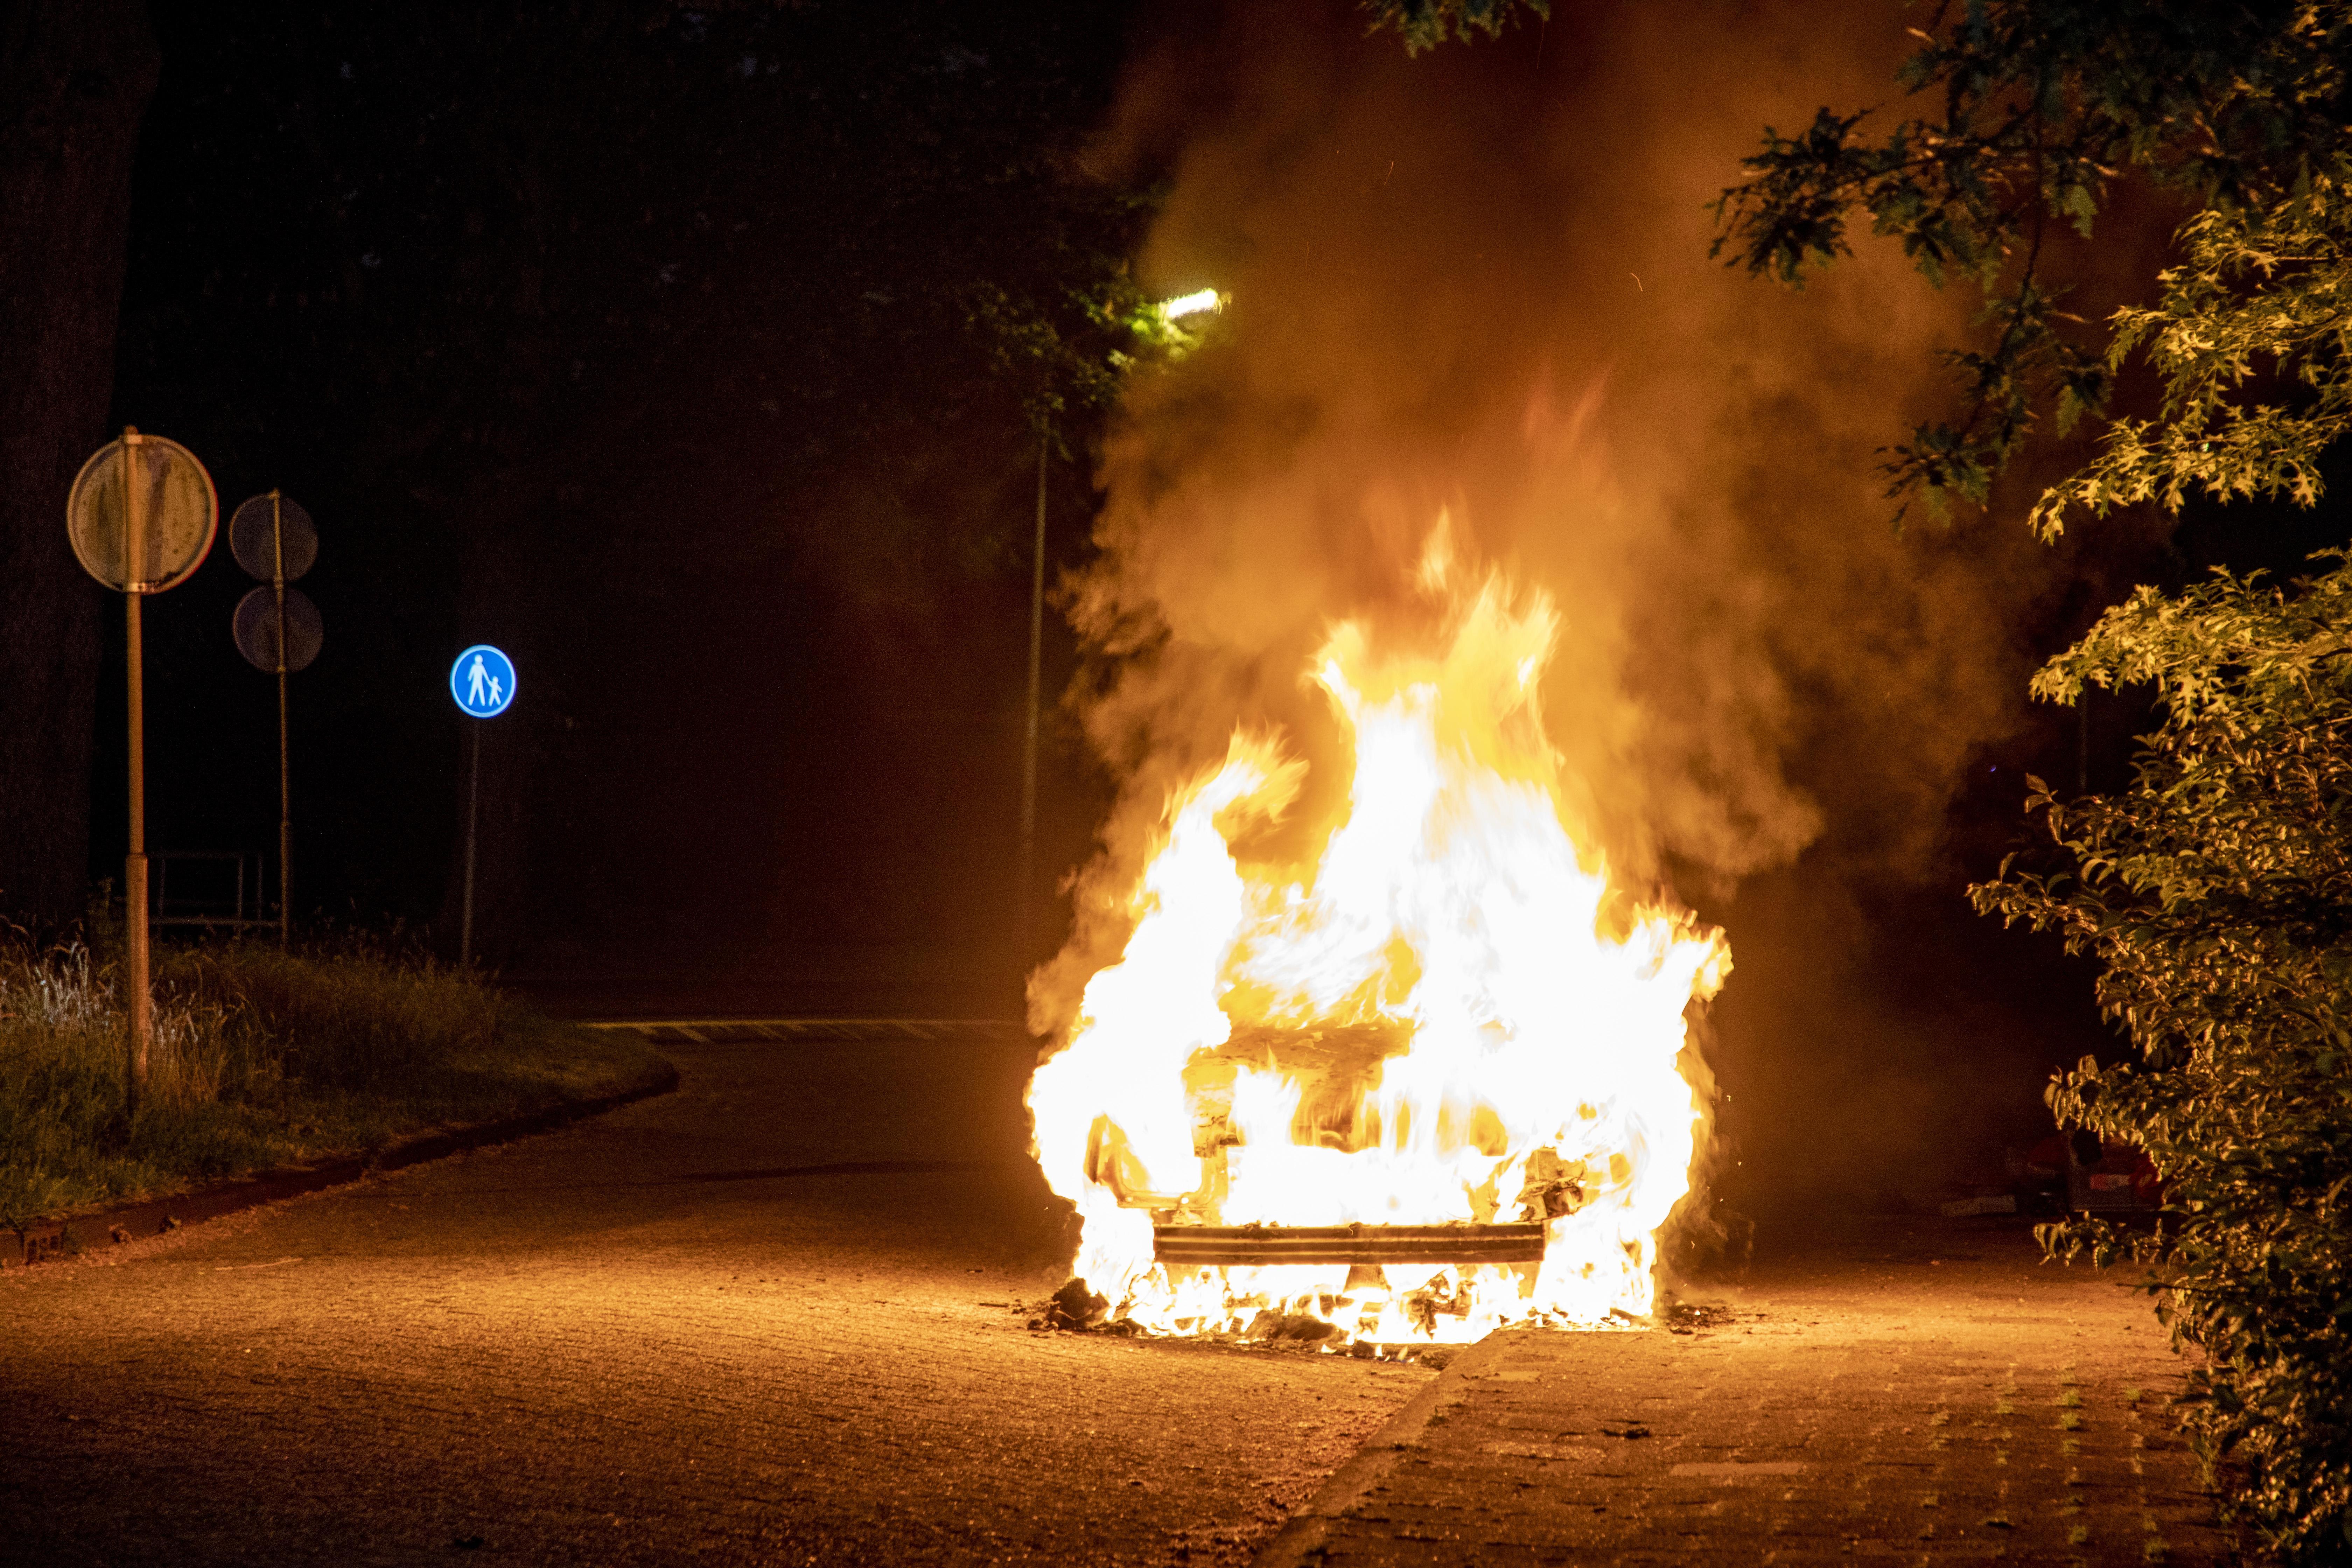 Wat doet een autobrand met je? Drie Haarlemse slachtoffers vertellen hun verhaal